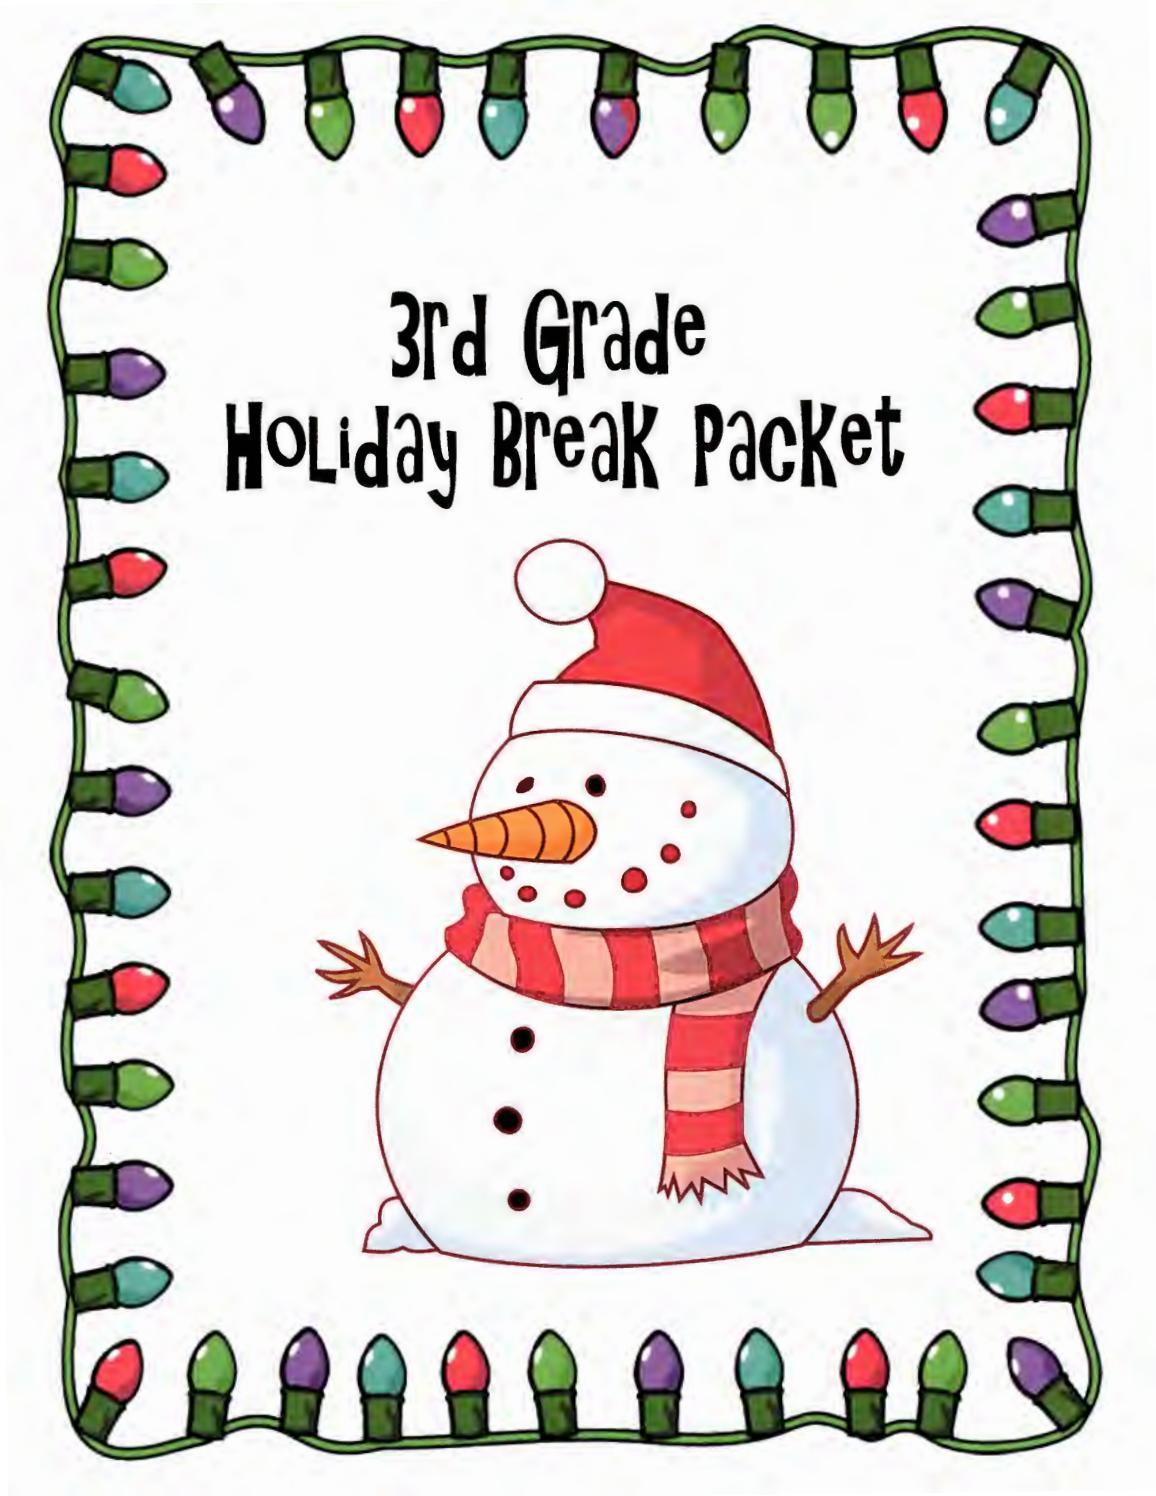 Grade 3 Christmas Packetronald De La Torre - Issuu